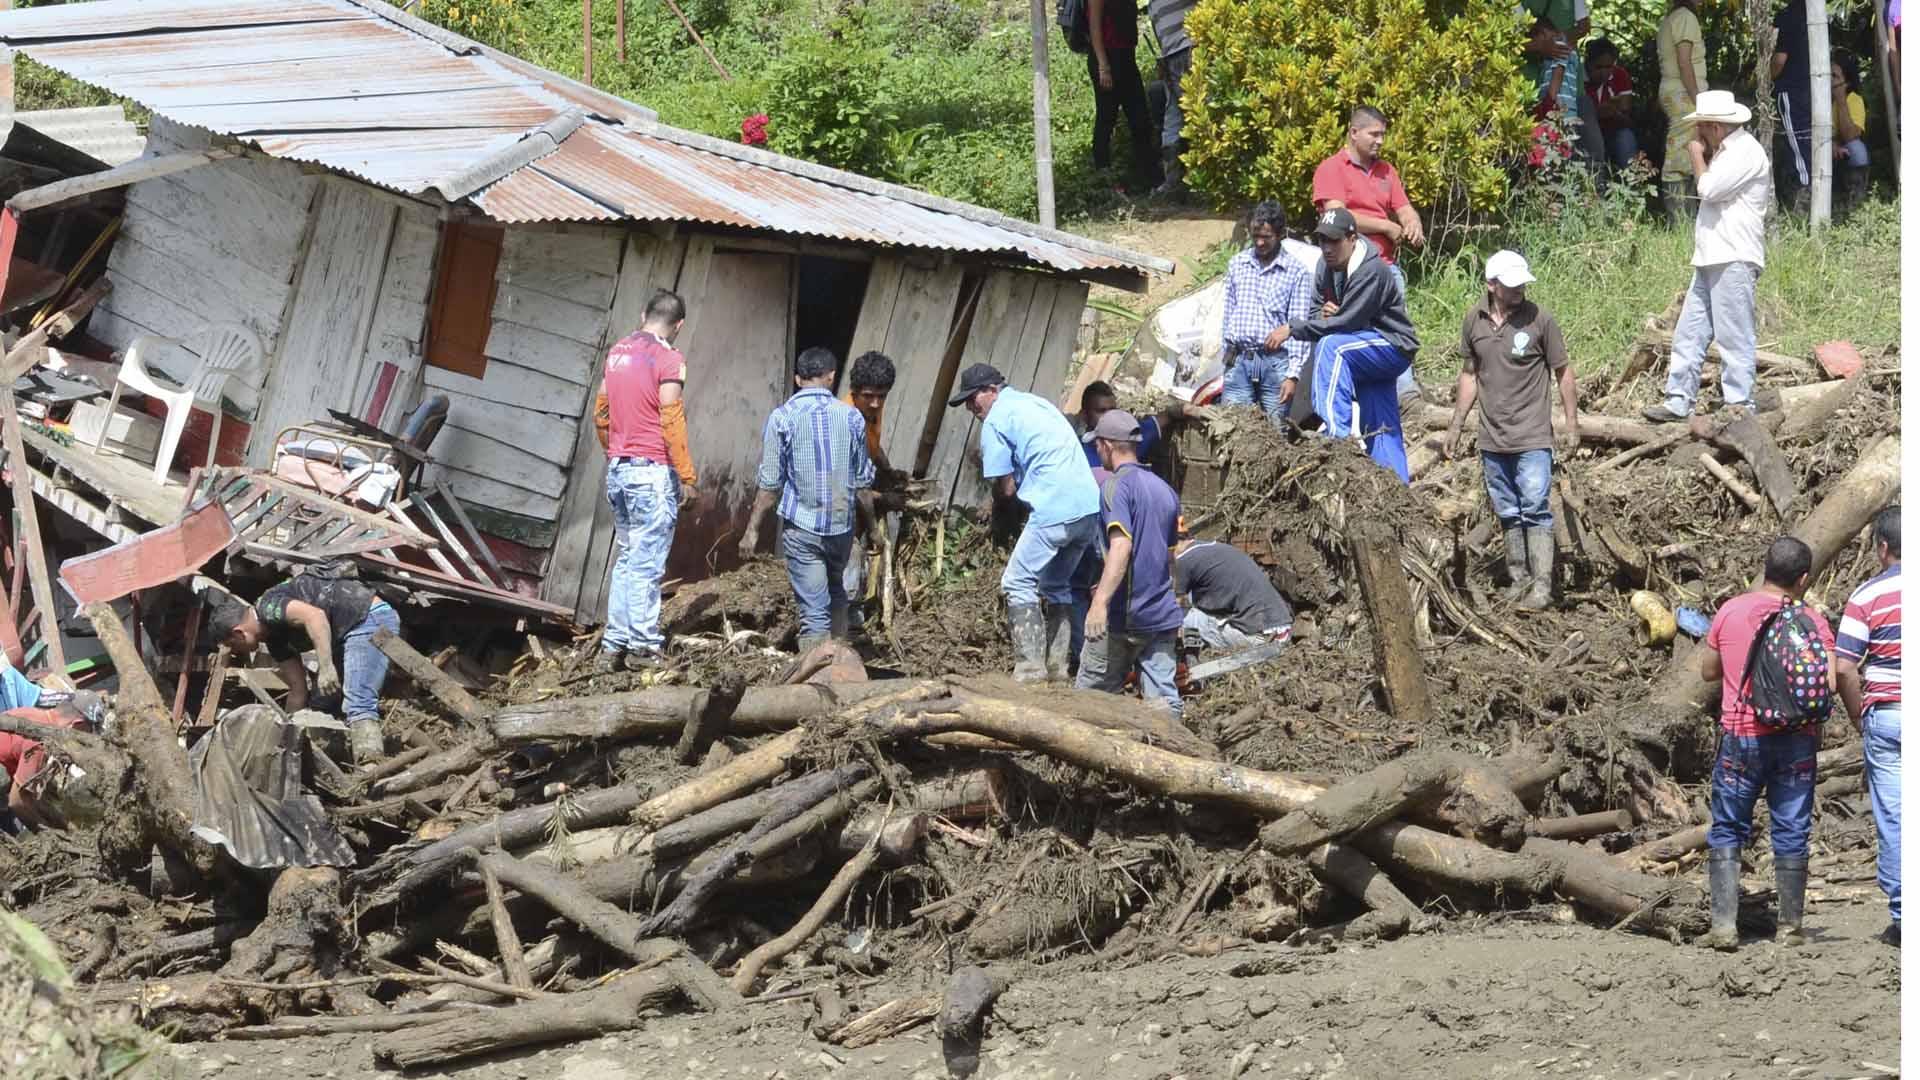 Al sureste de Colombia el 70% de la población quedo a la deriva tras el desbordamiento del rió Cauca